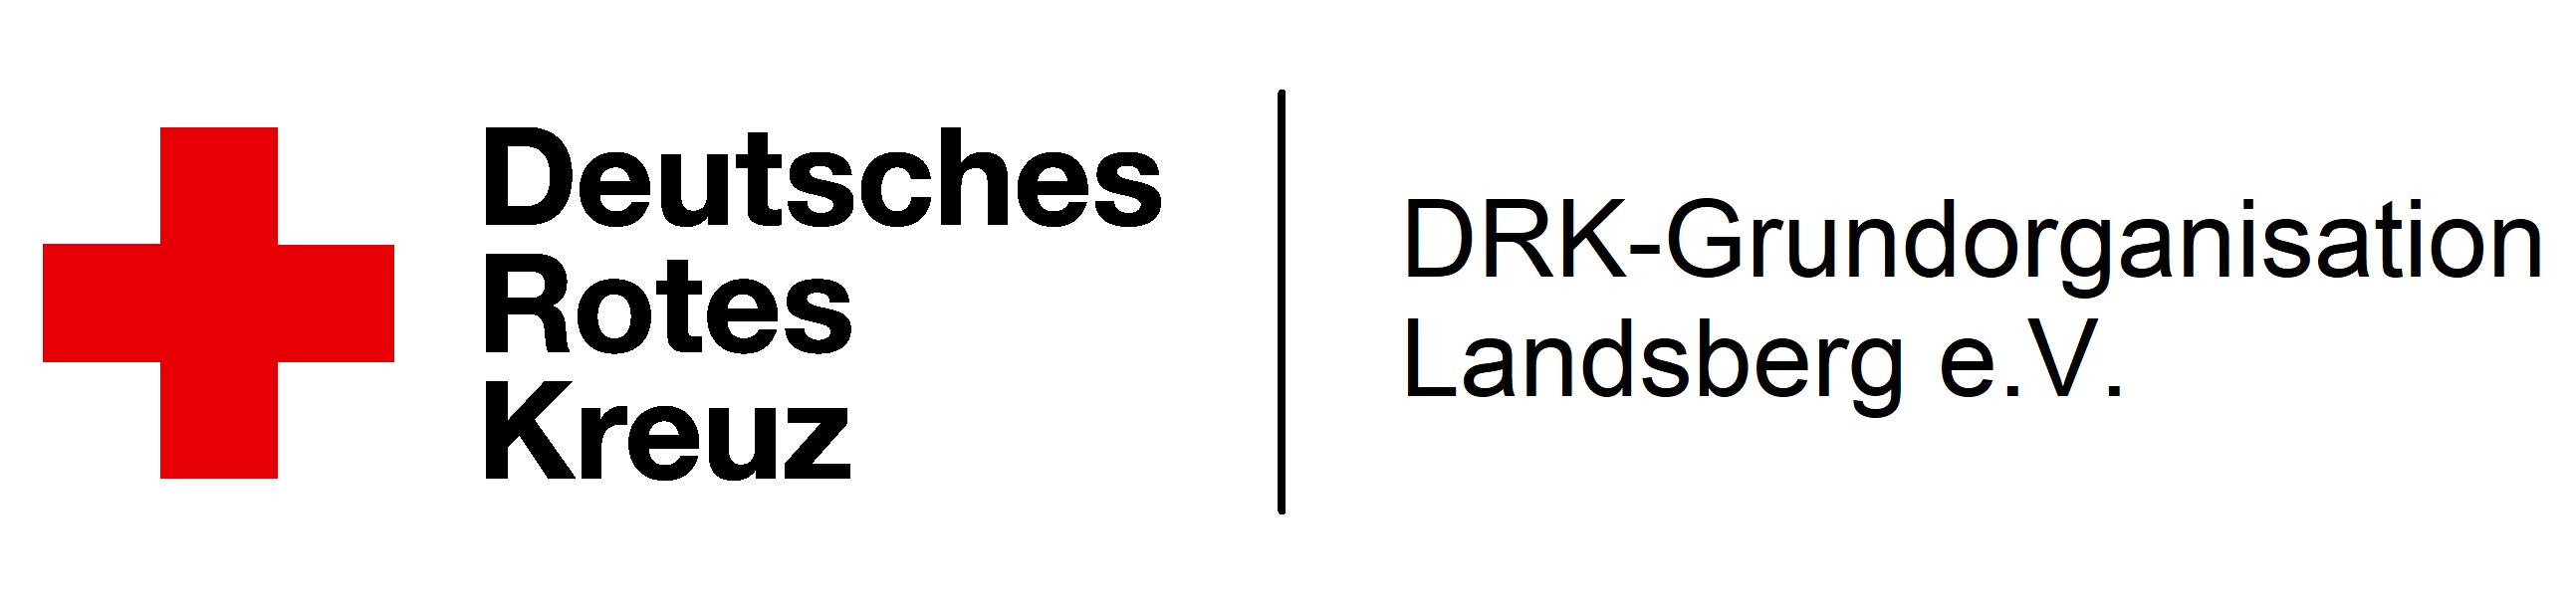 DRK GO Landsberg e.V.